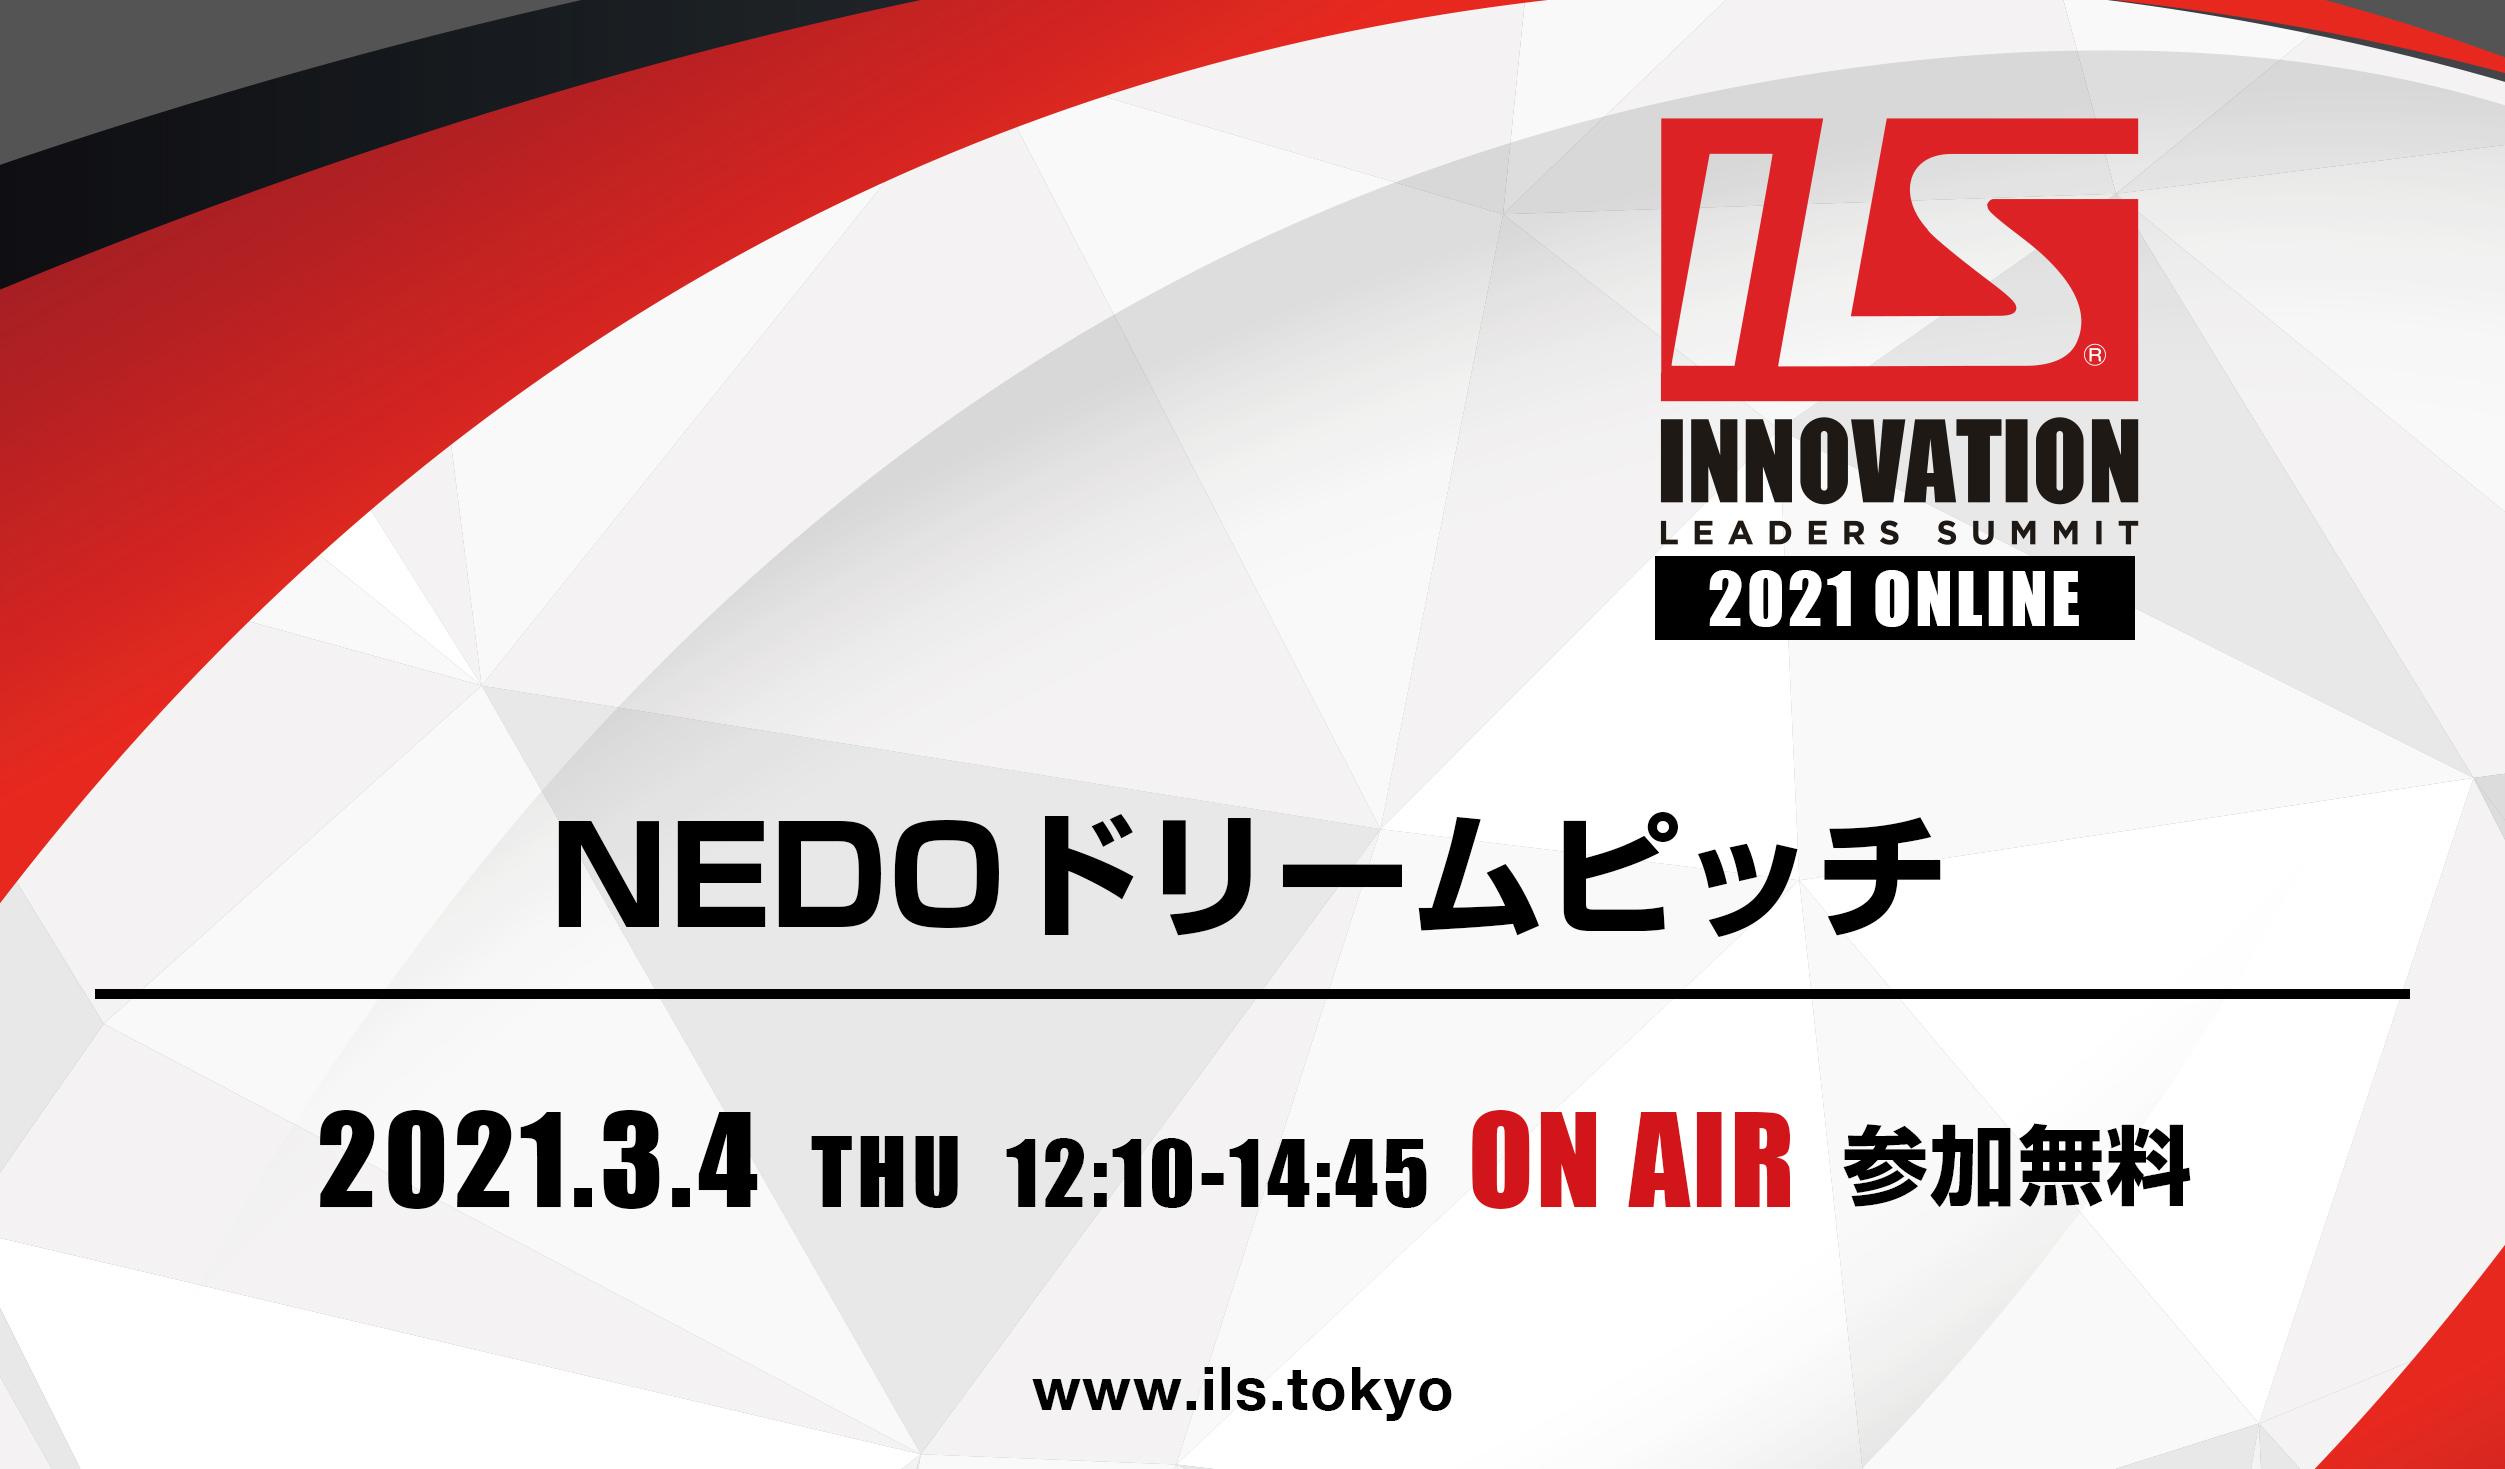 『日本の製造業の未来展 2021春』に出展いたします